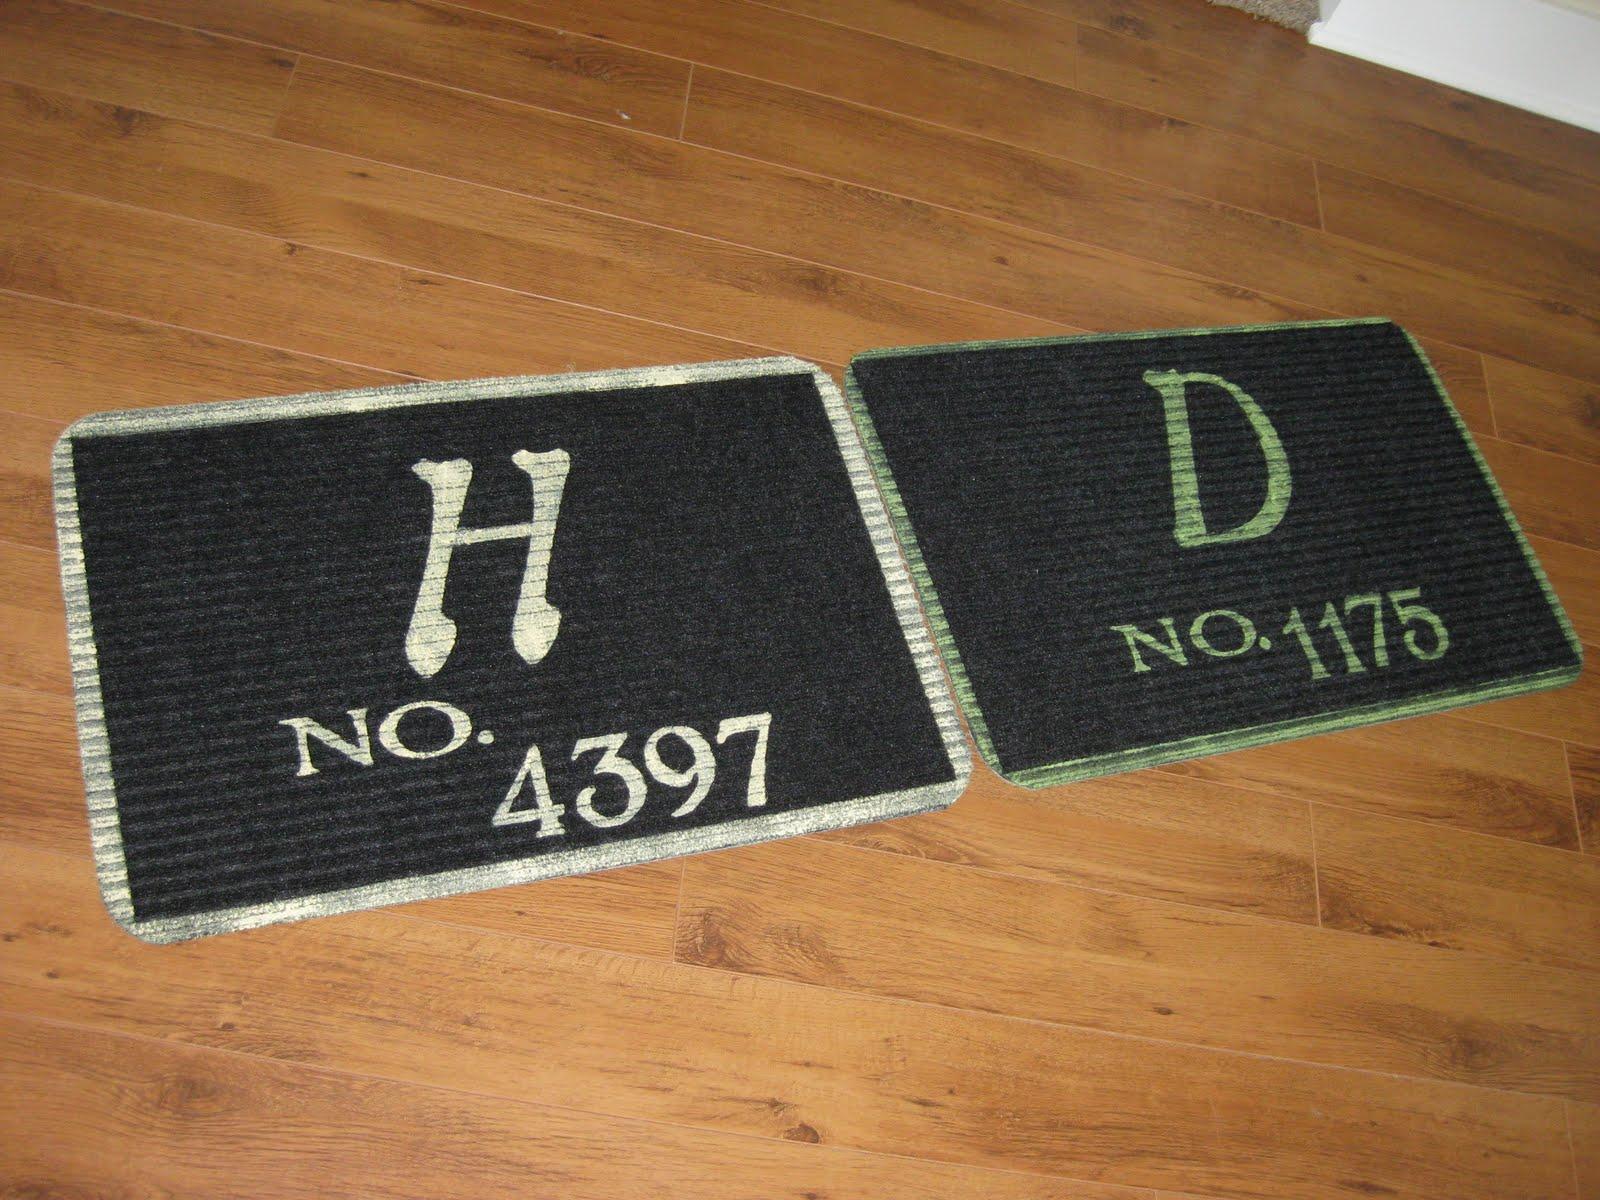 Hems And Haws Monogram Doormat Part 2